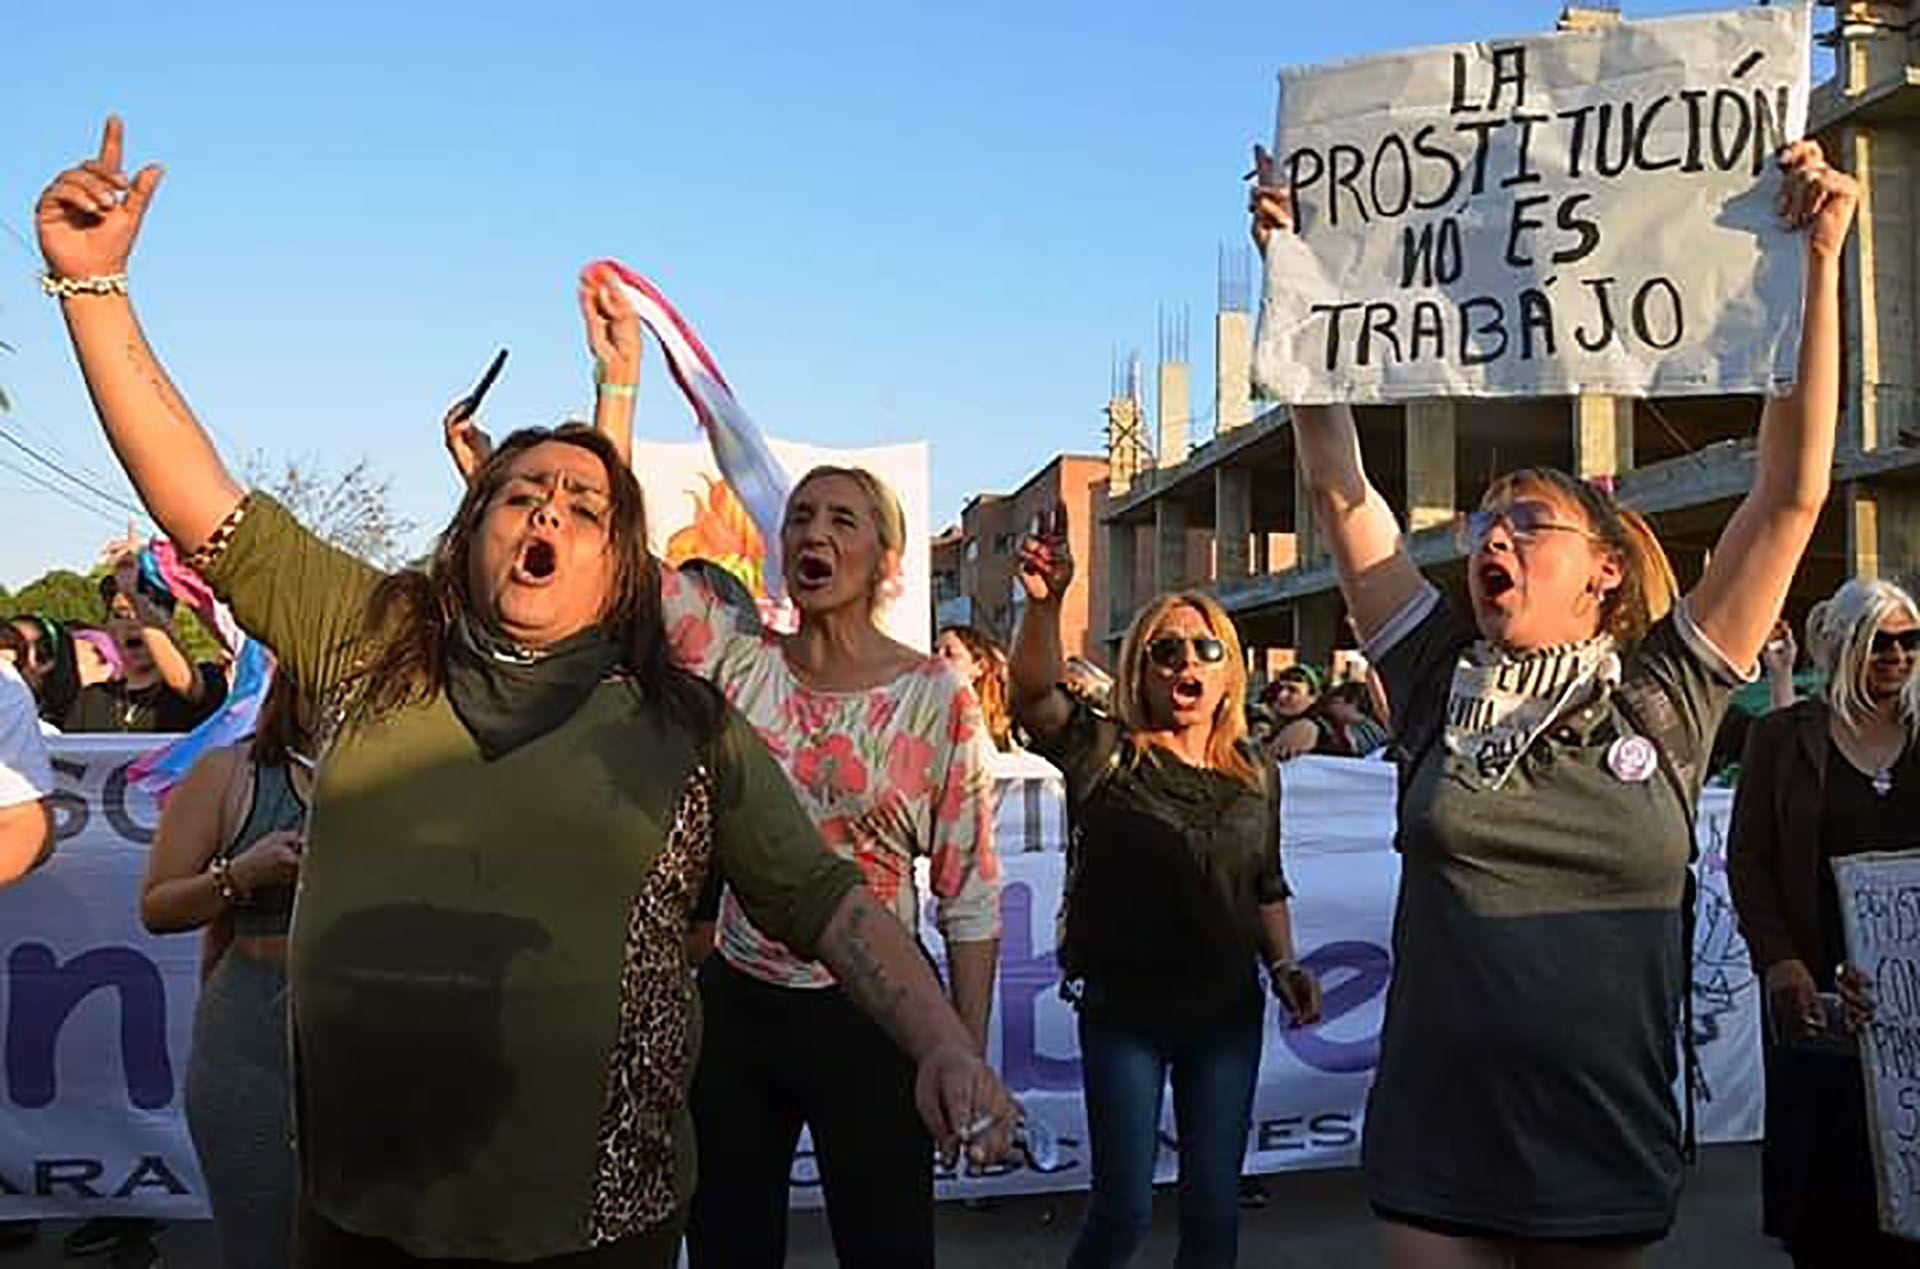 Alma Fernández, activista travesti y por los derechos humanos, dice que la prostitución no puede ser considerada un trabajo cuando para las personas travestis y trans en Argentina es la única opción de supervivencia.